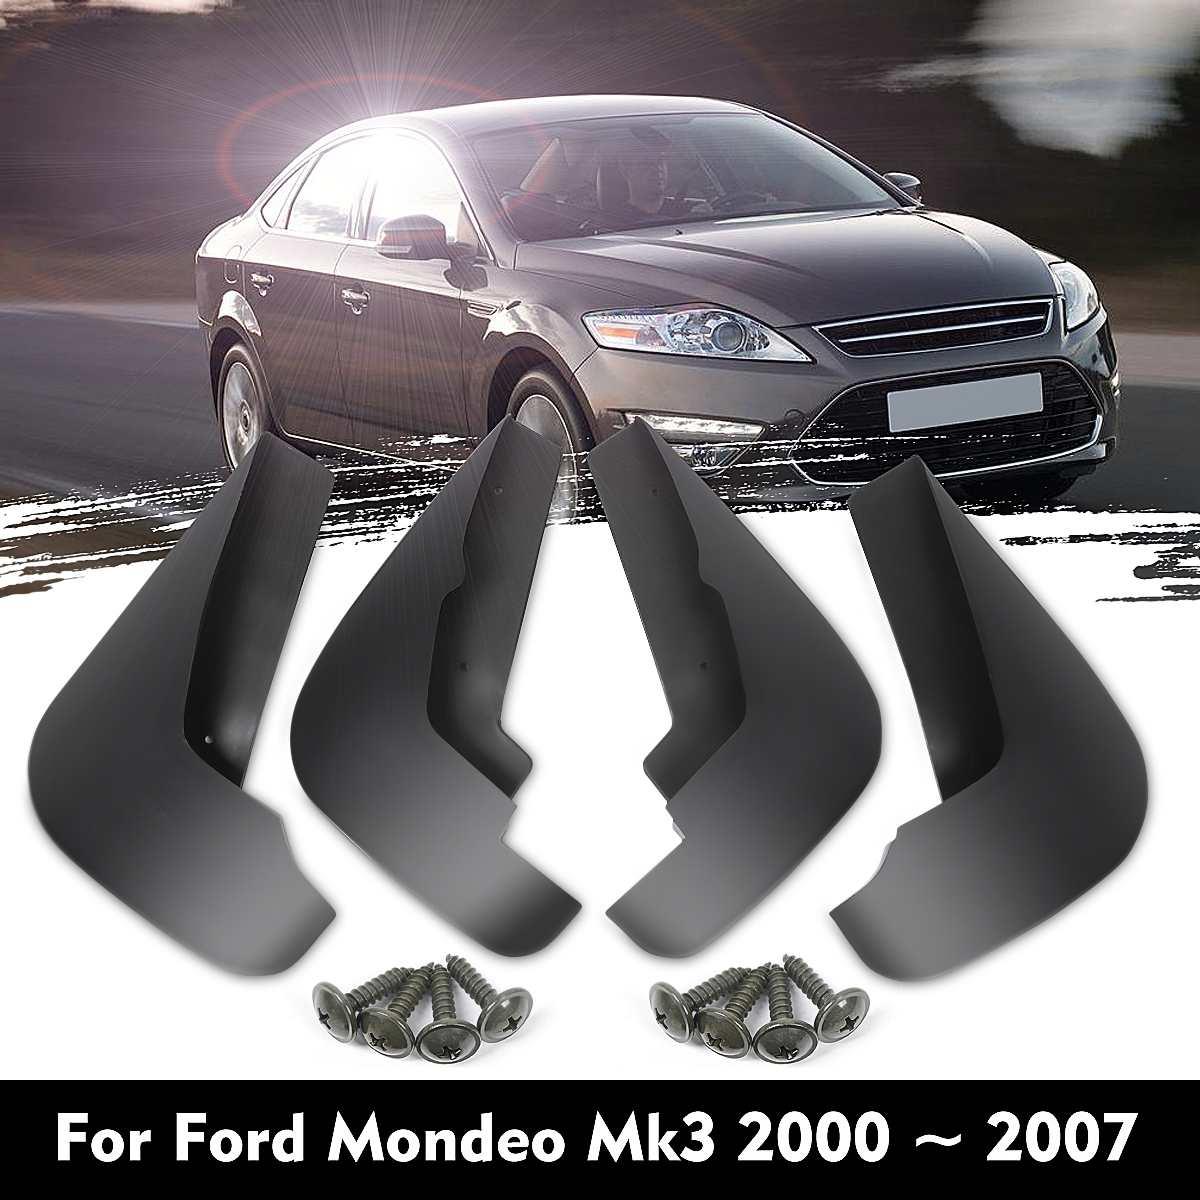 자동차 머드 플랩 플랩 스플래쉬 가드 mudguards mudflaps for ford/mondeo mk3 2000 2001 2002 2003 2004 2005 2006 2007